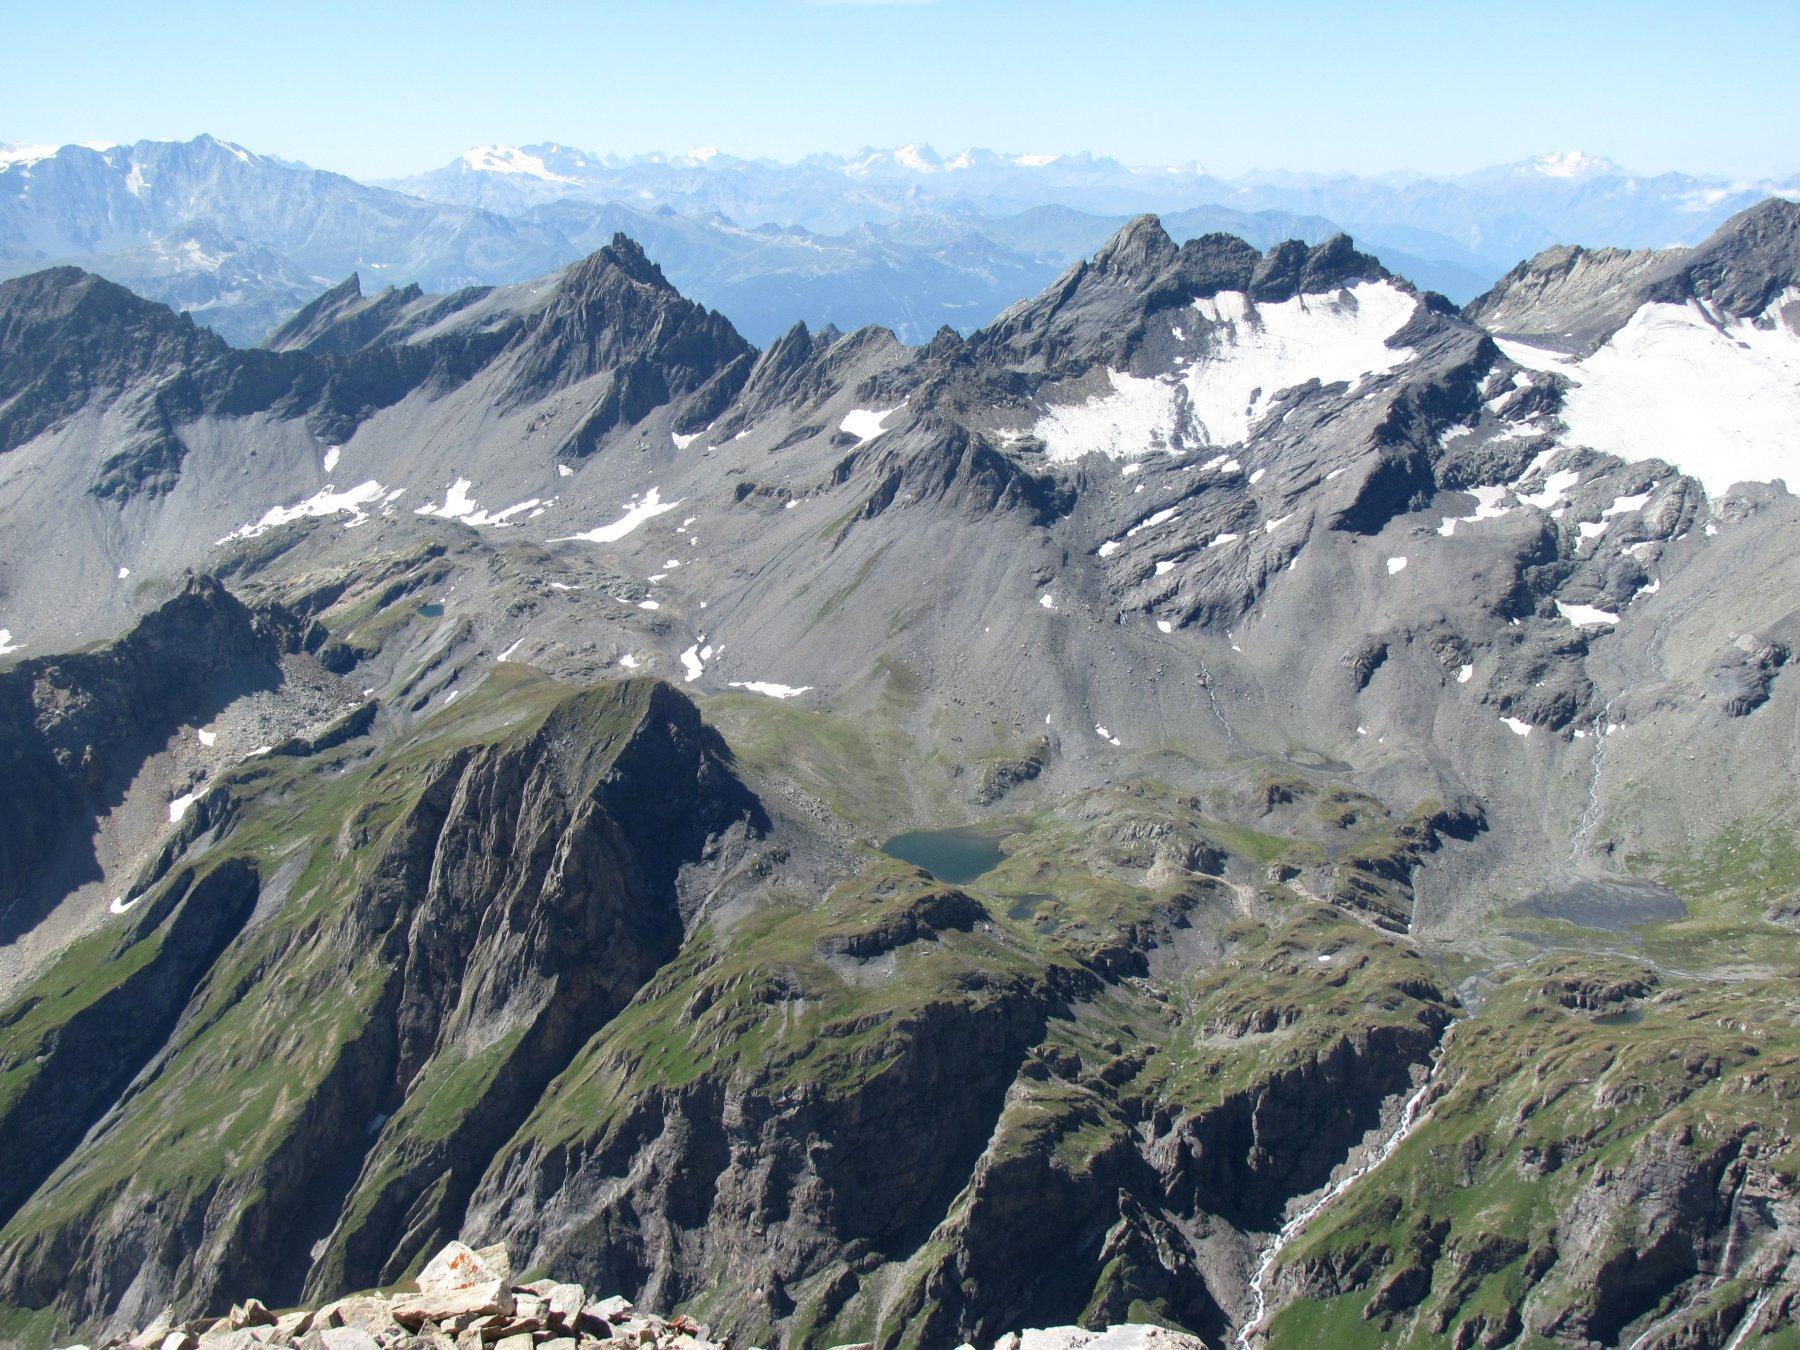 visuale su Lancebranlette, Roc de Belleface, M. Fourclaz e Aig. de l'Hermite, con il lago di Tormotta